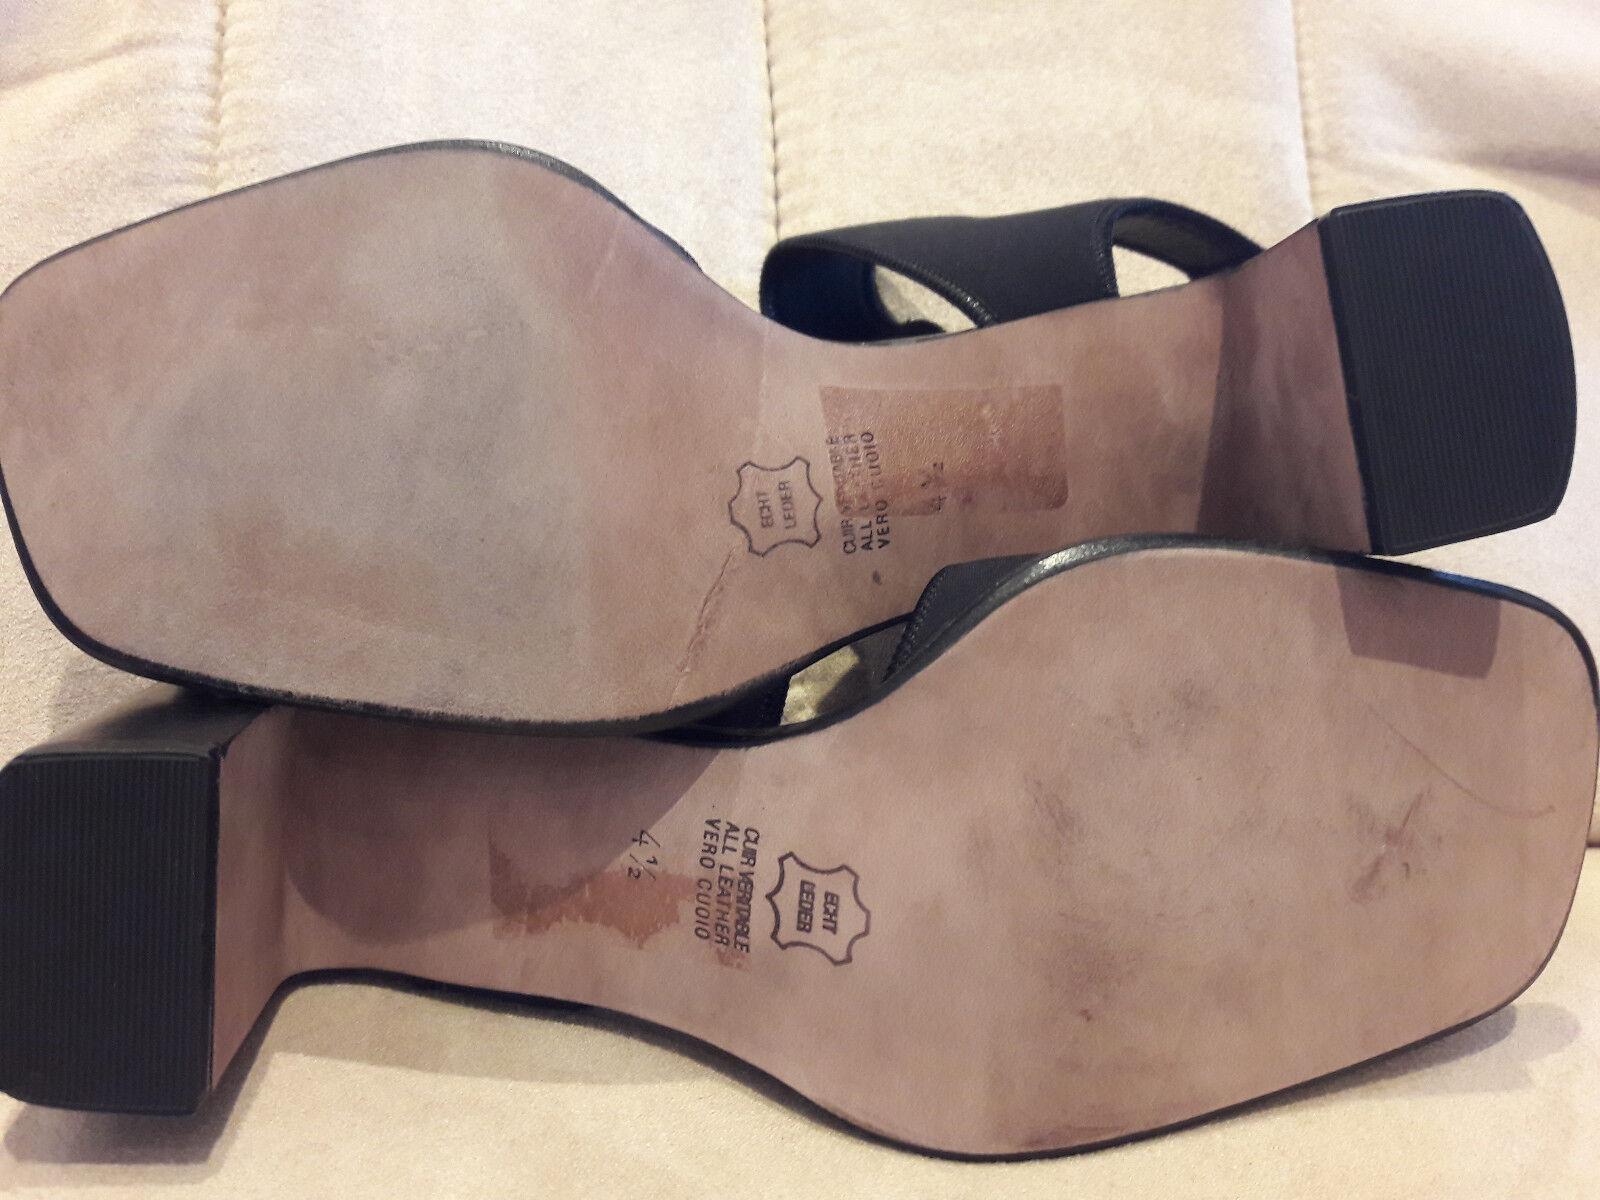 K+S, Kennel + Schmenger Sandaleette Damen, NEU, schwarz, 4 1/2, im Originalkarton